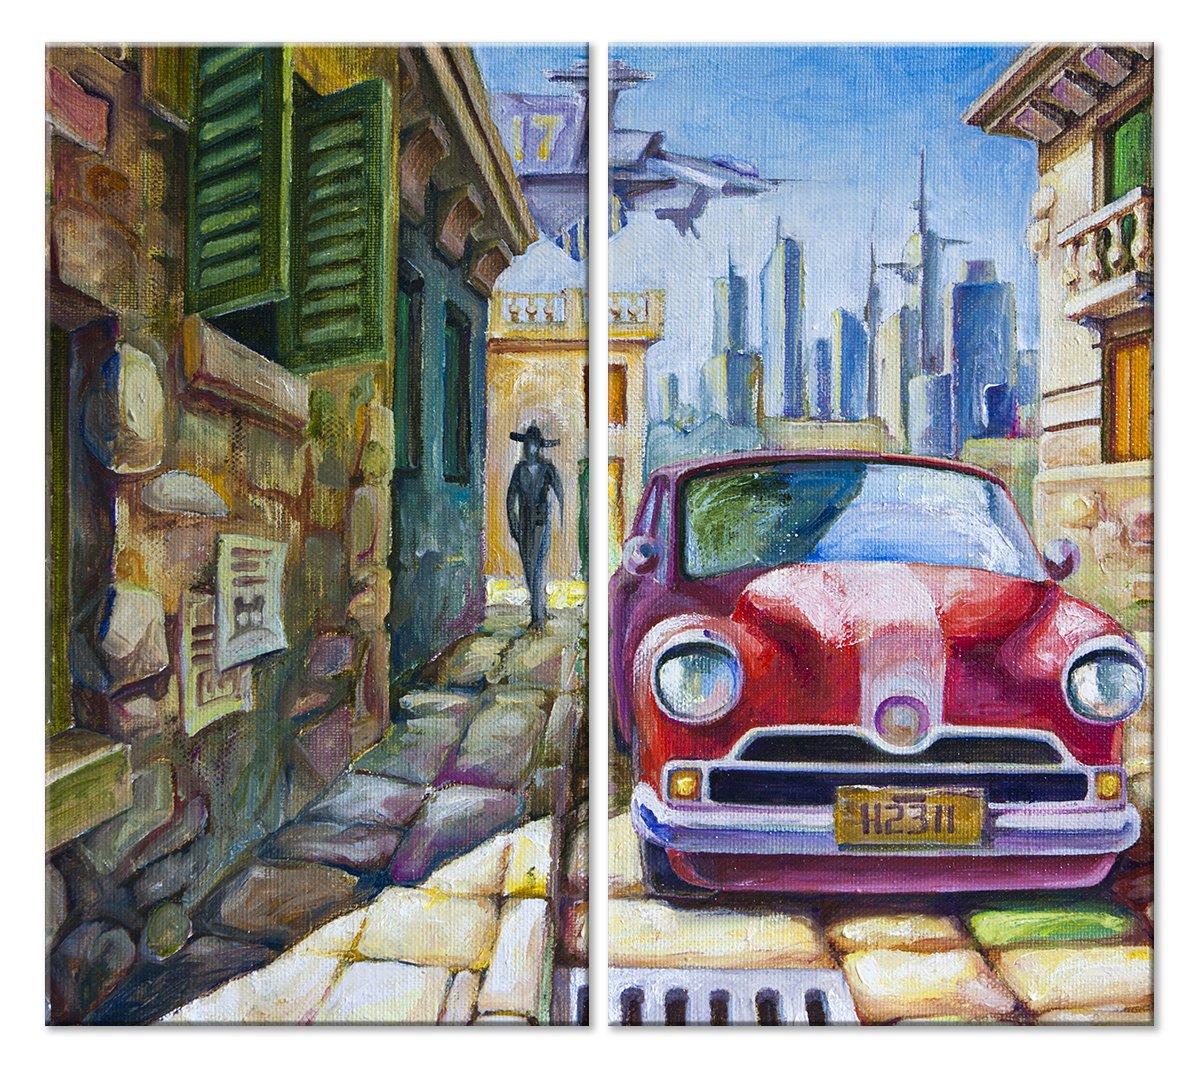 Модульная картина «Грани архитектуры»Города<br>Модульная картина на натуральном холсте и деревянном подрамнике. Подвес в комплекте. Трехслойная надежная упаковка. Доставим в любую точку России. Вам осталось только повесить картину на стену!<br>